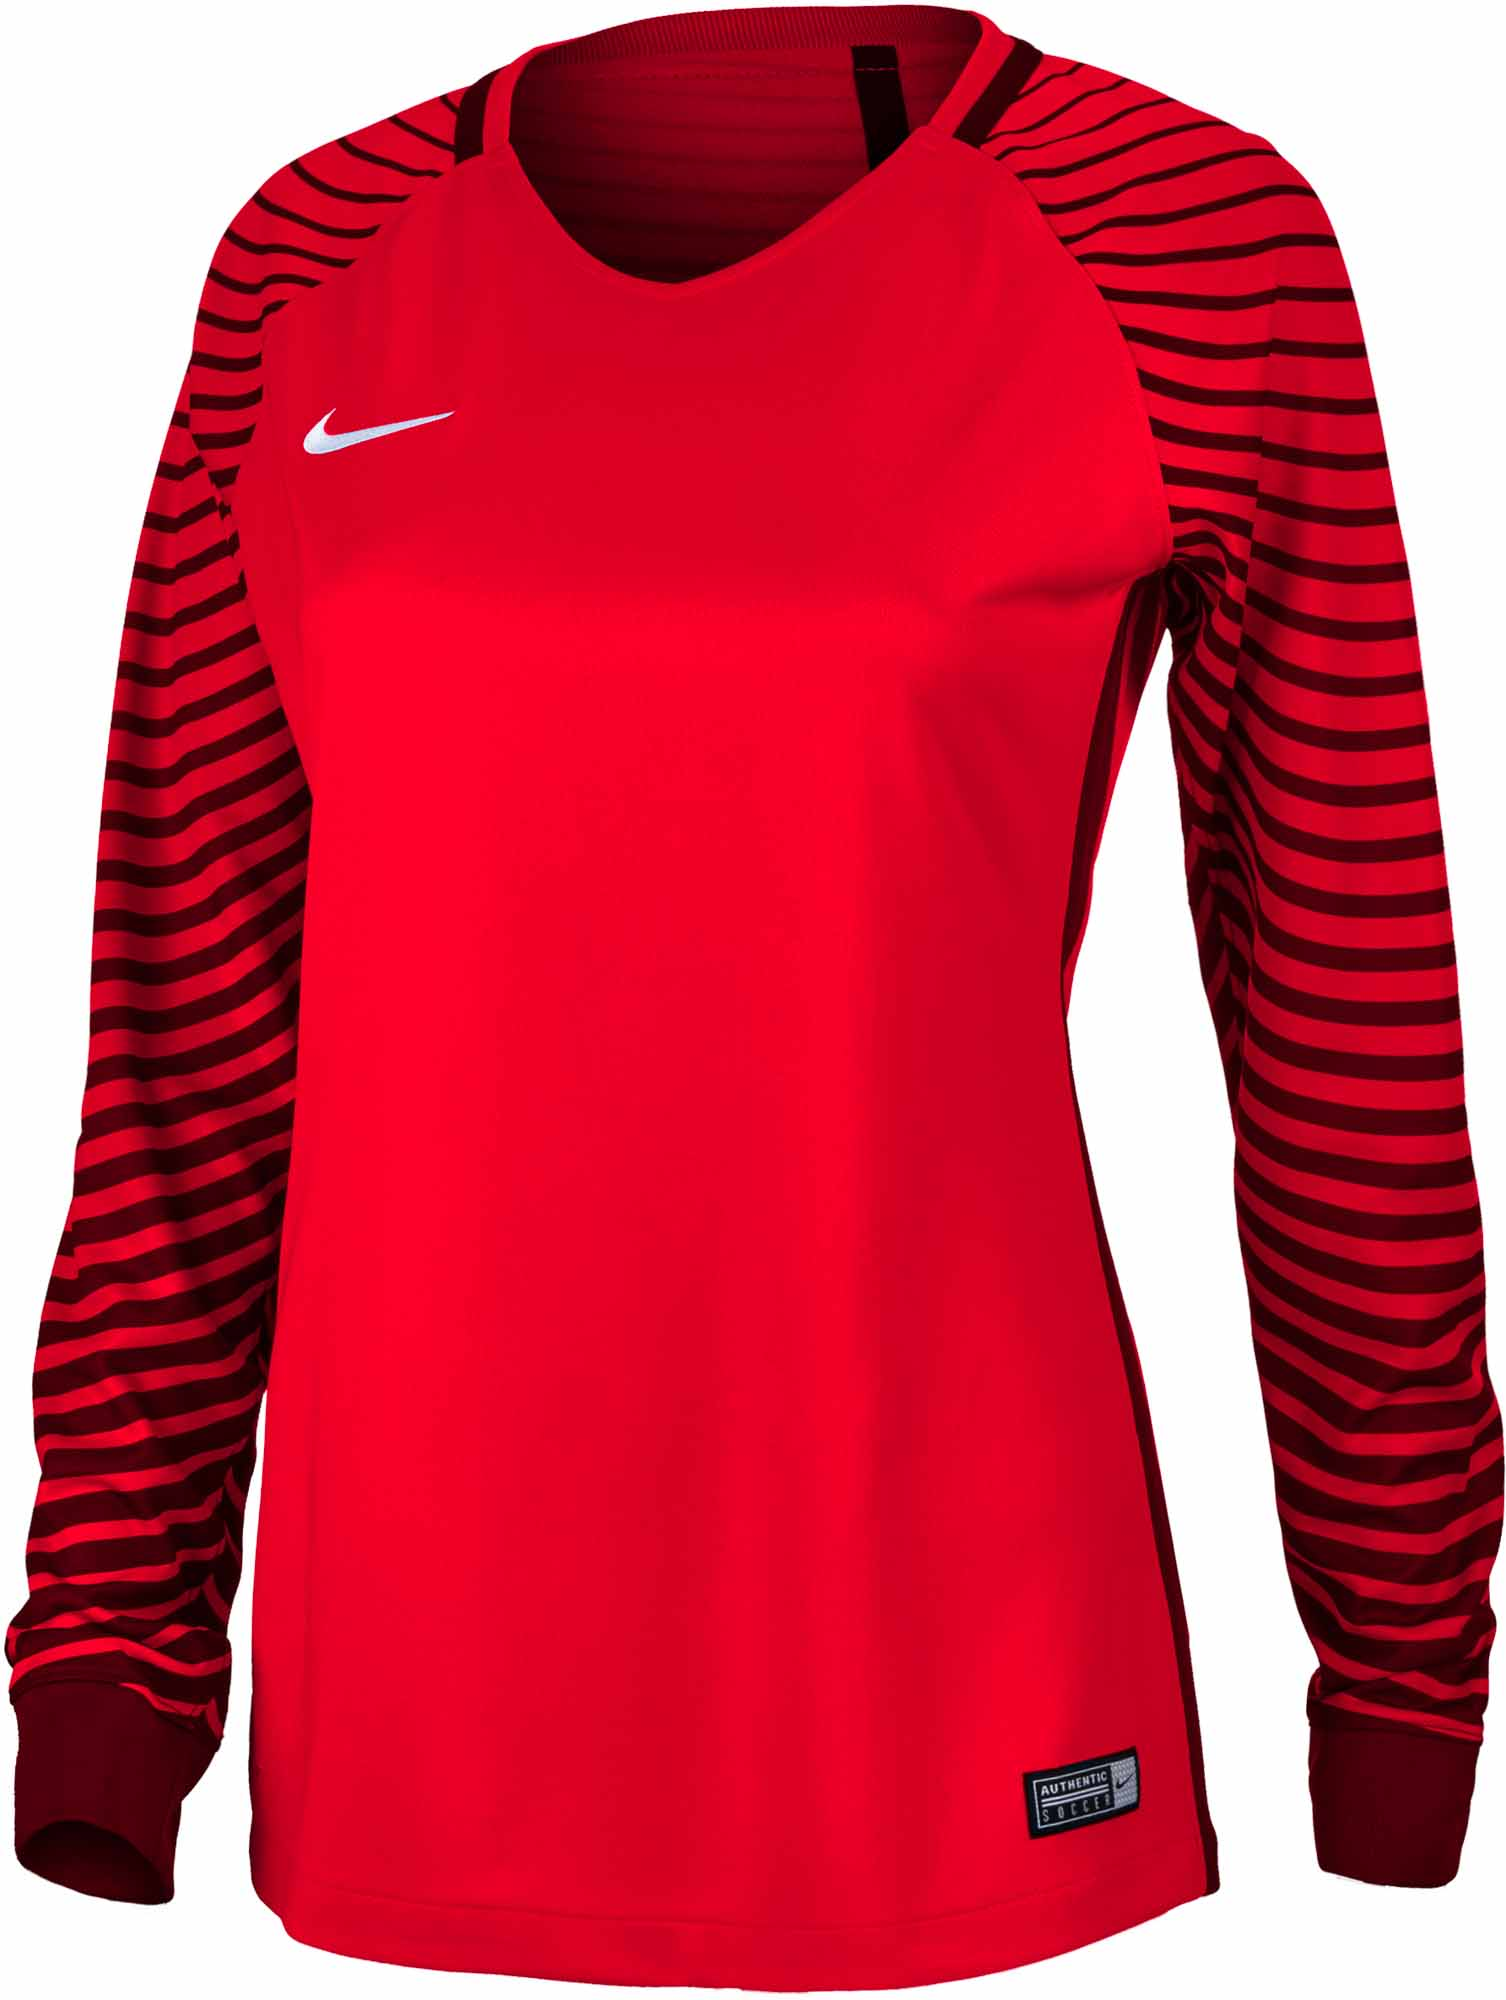 Nike Womens Gardien Goalkeeper Jersey - Bright Crimson   Deep Garnet e0305e41e